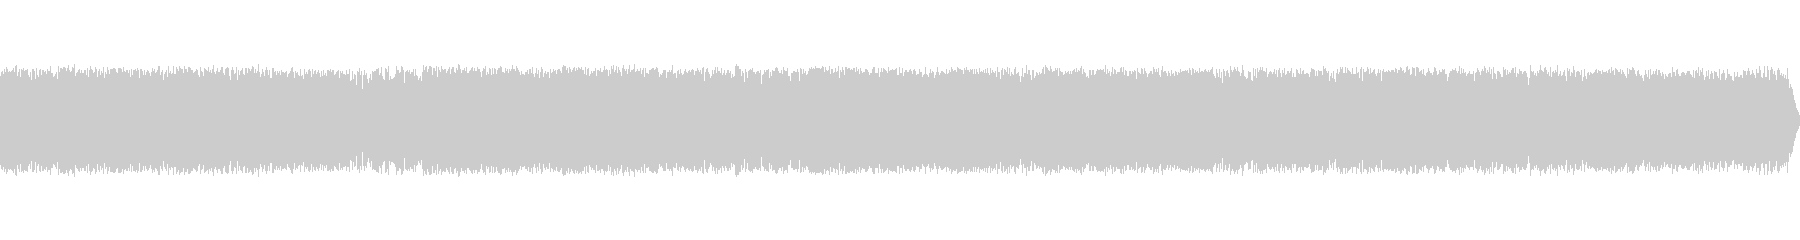 スチールミル、スチールファーネス、...の未再生の波形